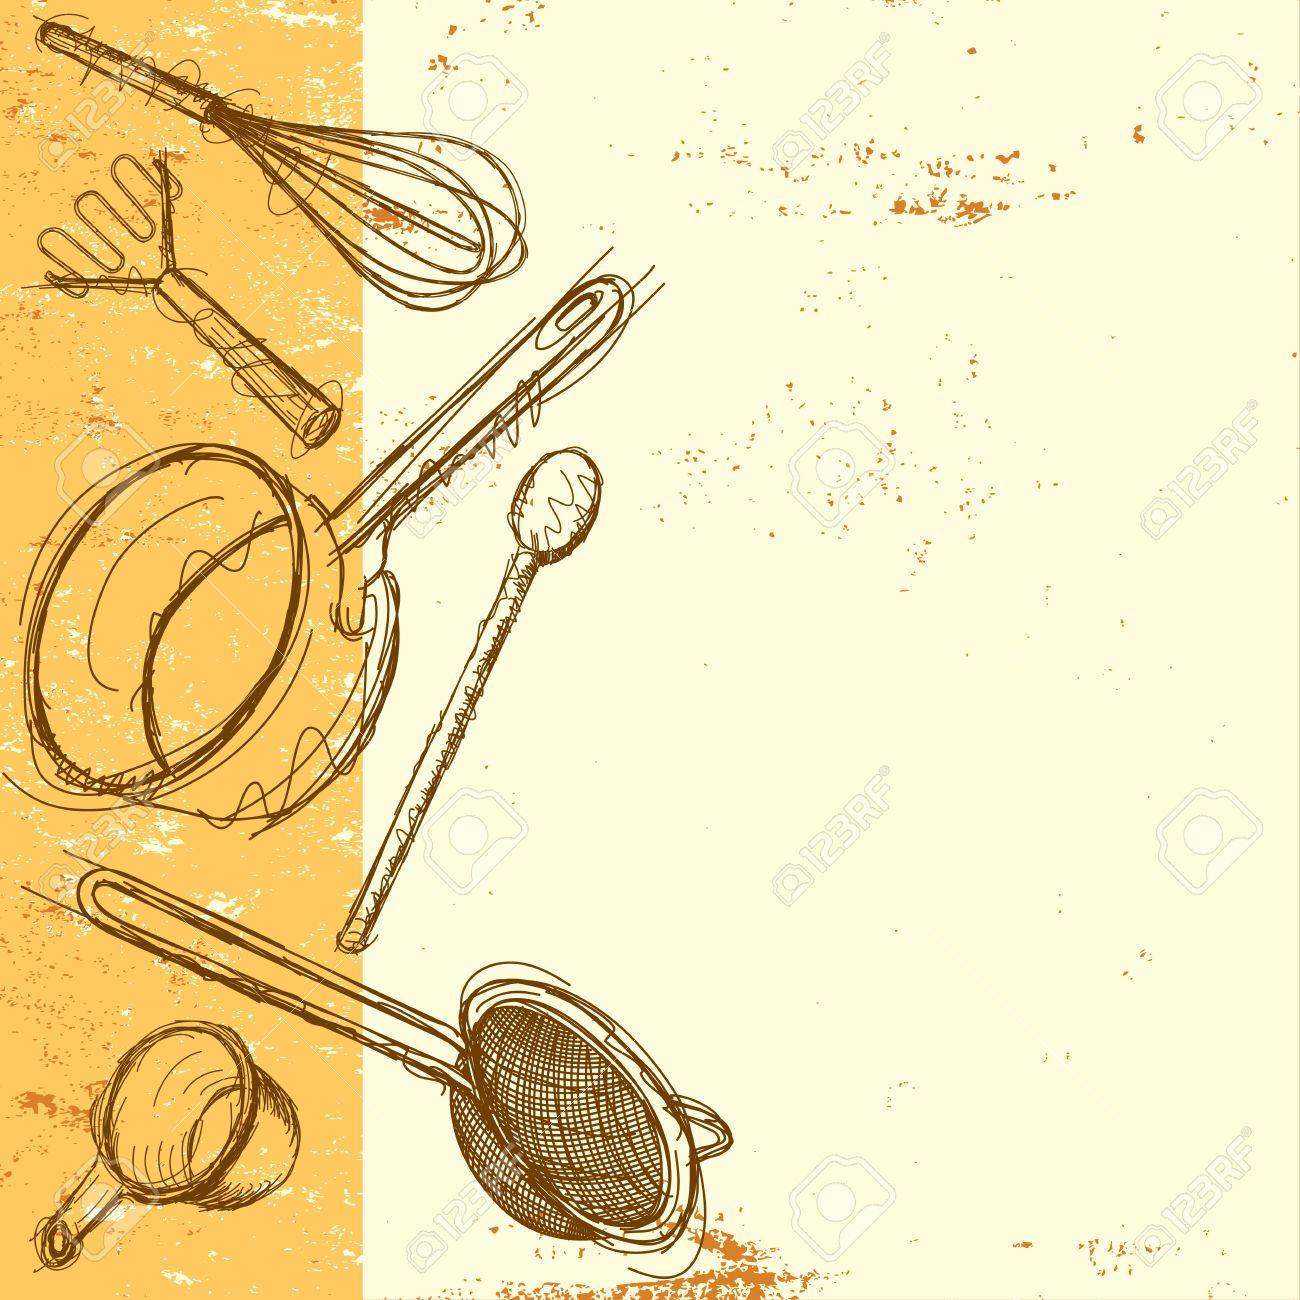 44175472-Cooking-utensils-background-Stock-Vector.jpg